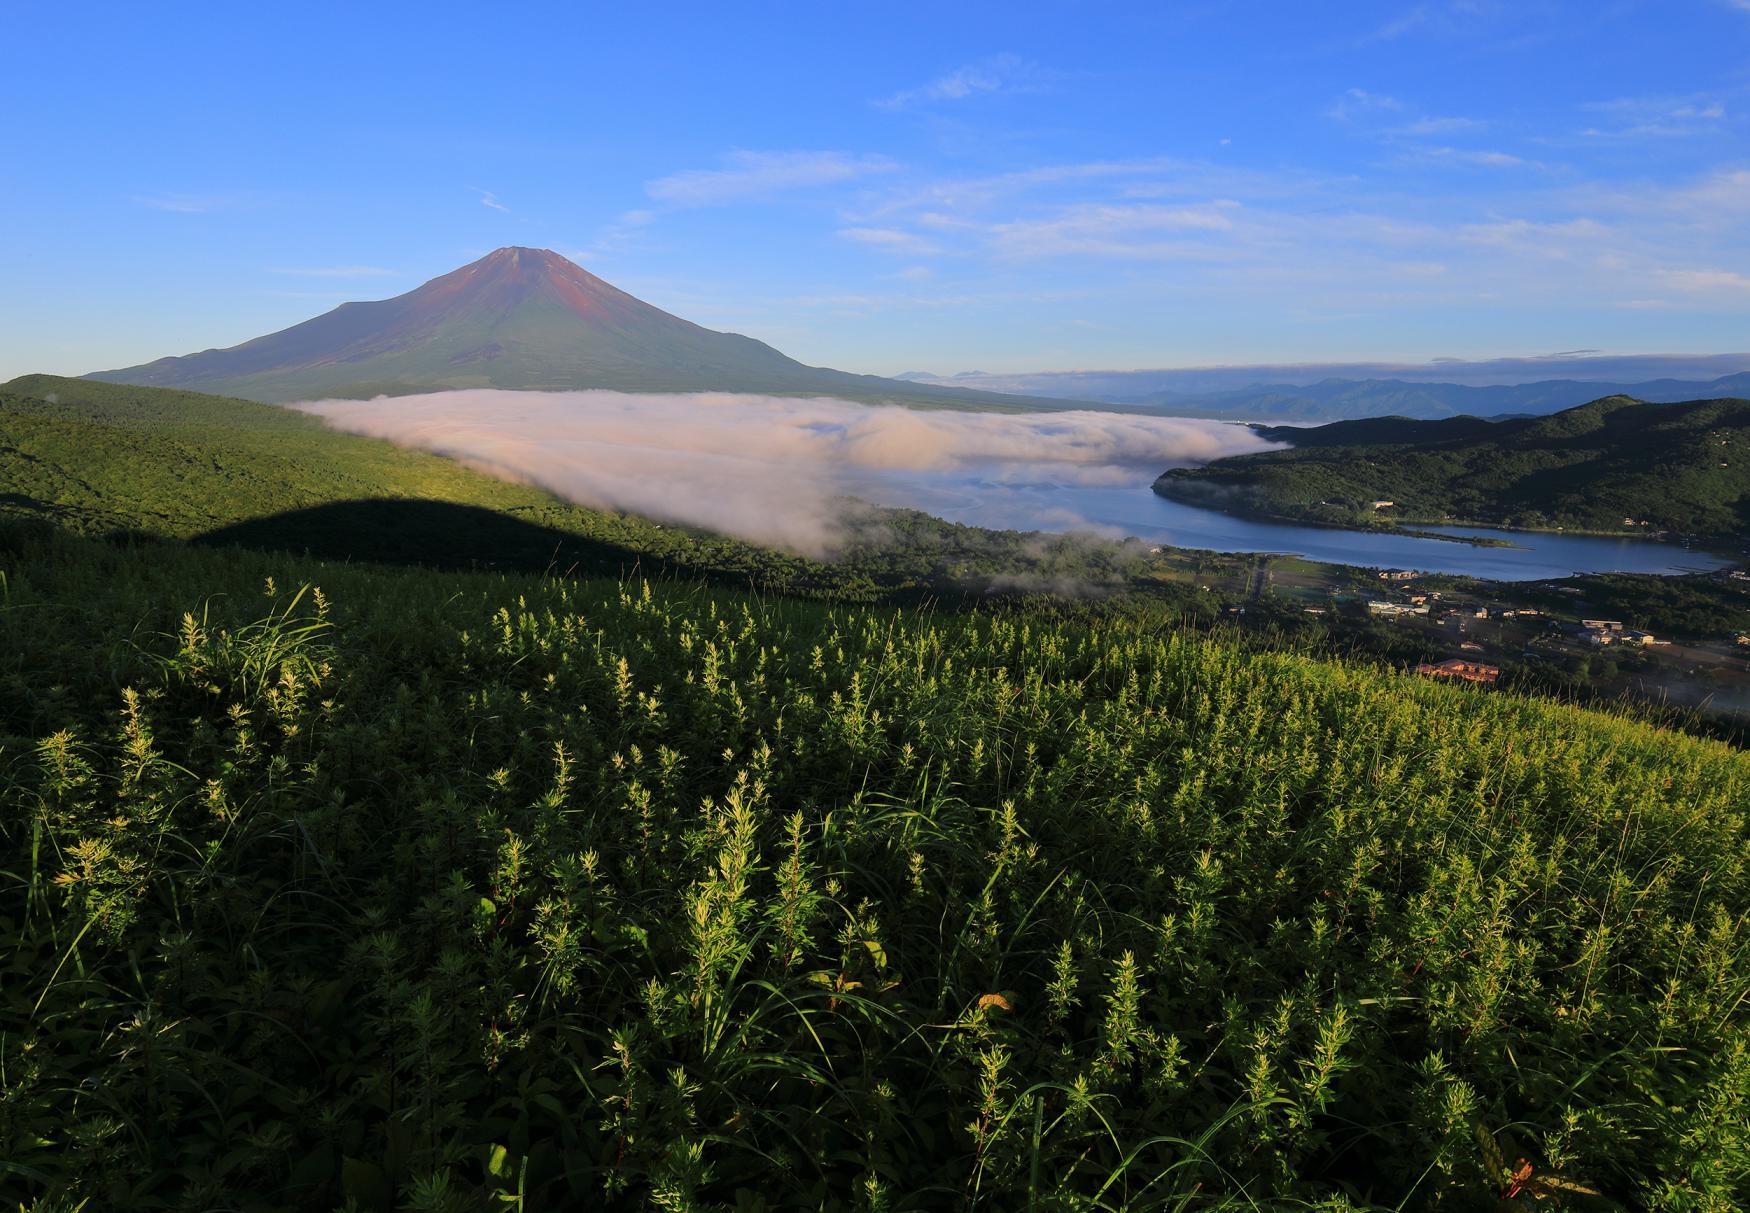 富士山の絶景を堪能したい!おすすめの宿